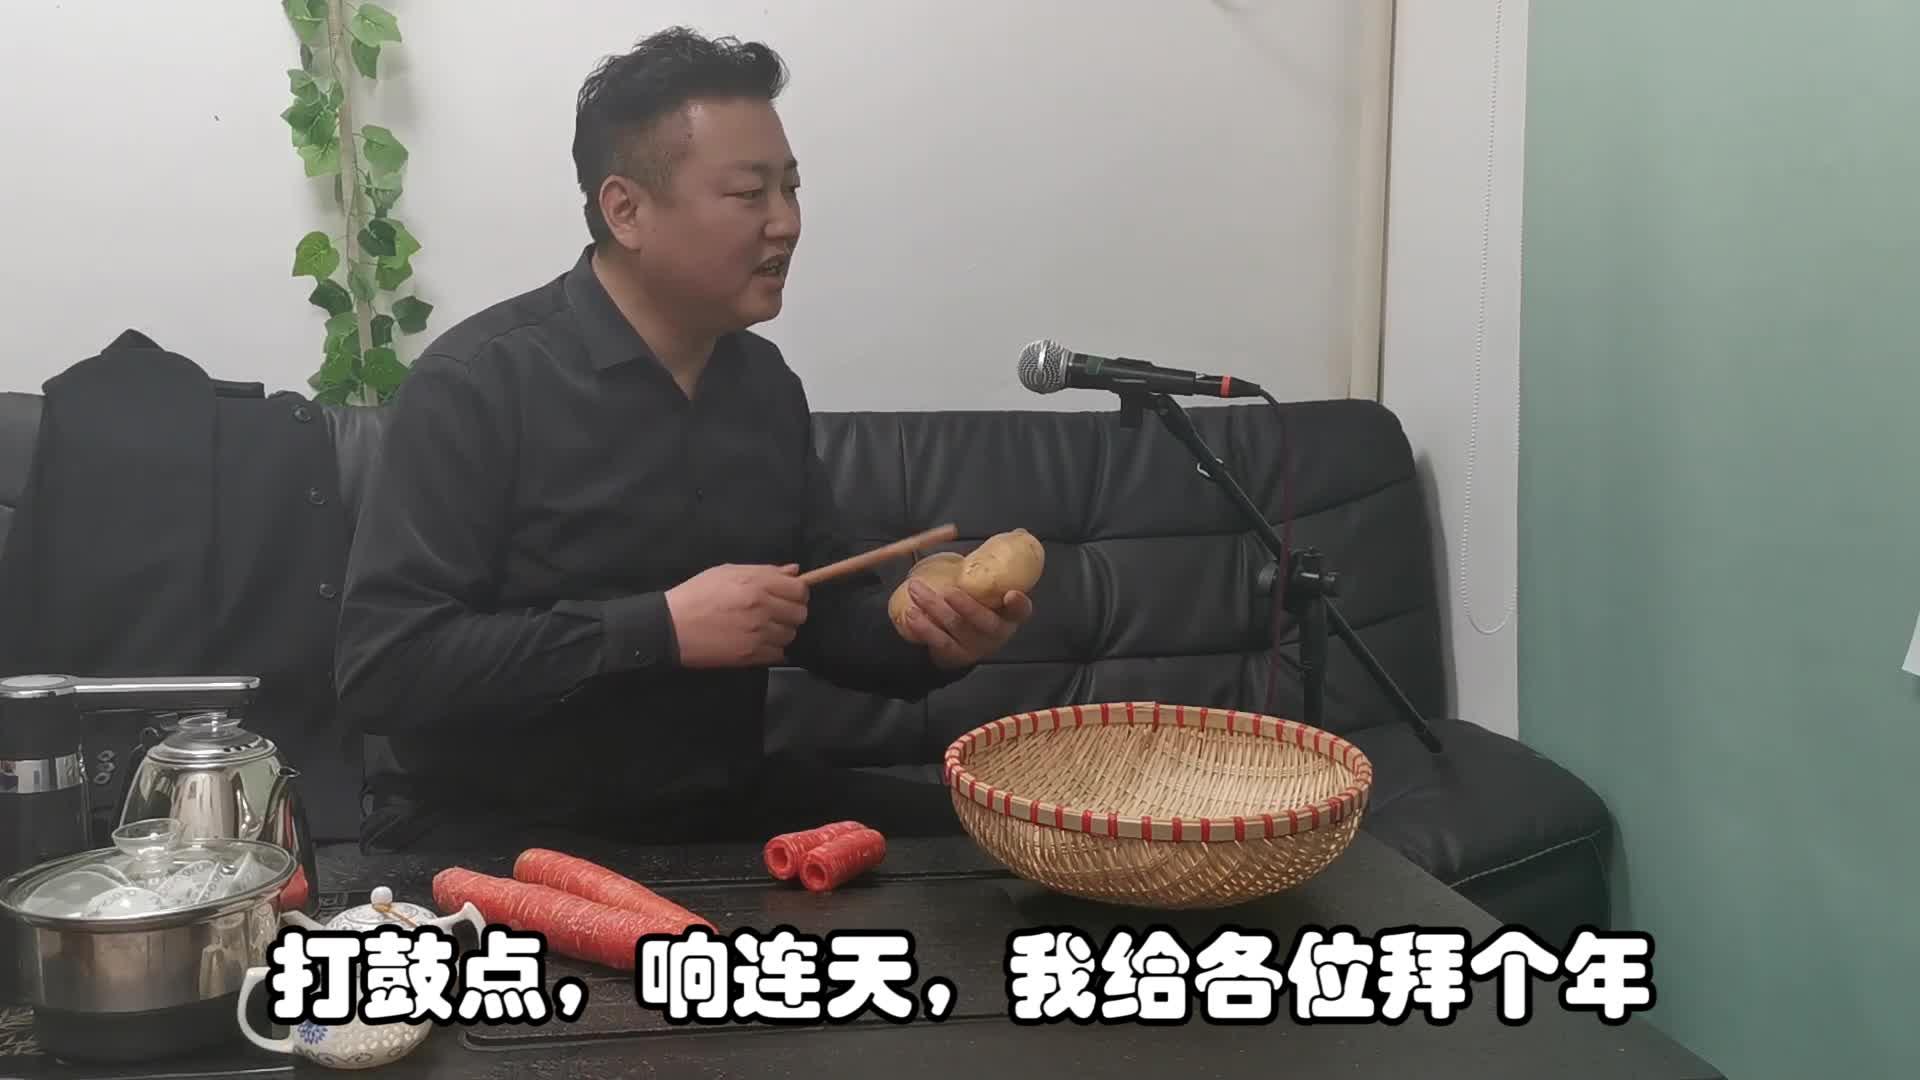 【疫情之下有真情】用蔬菜做乐器!众志成城谱新篇